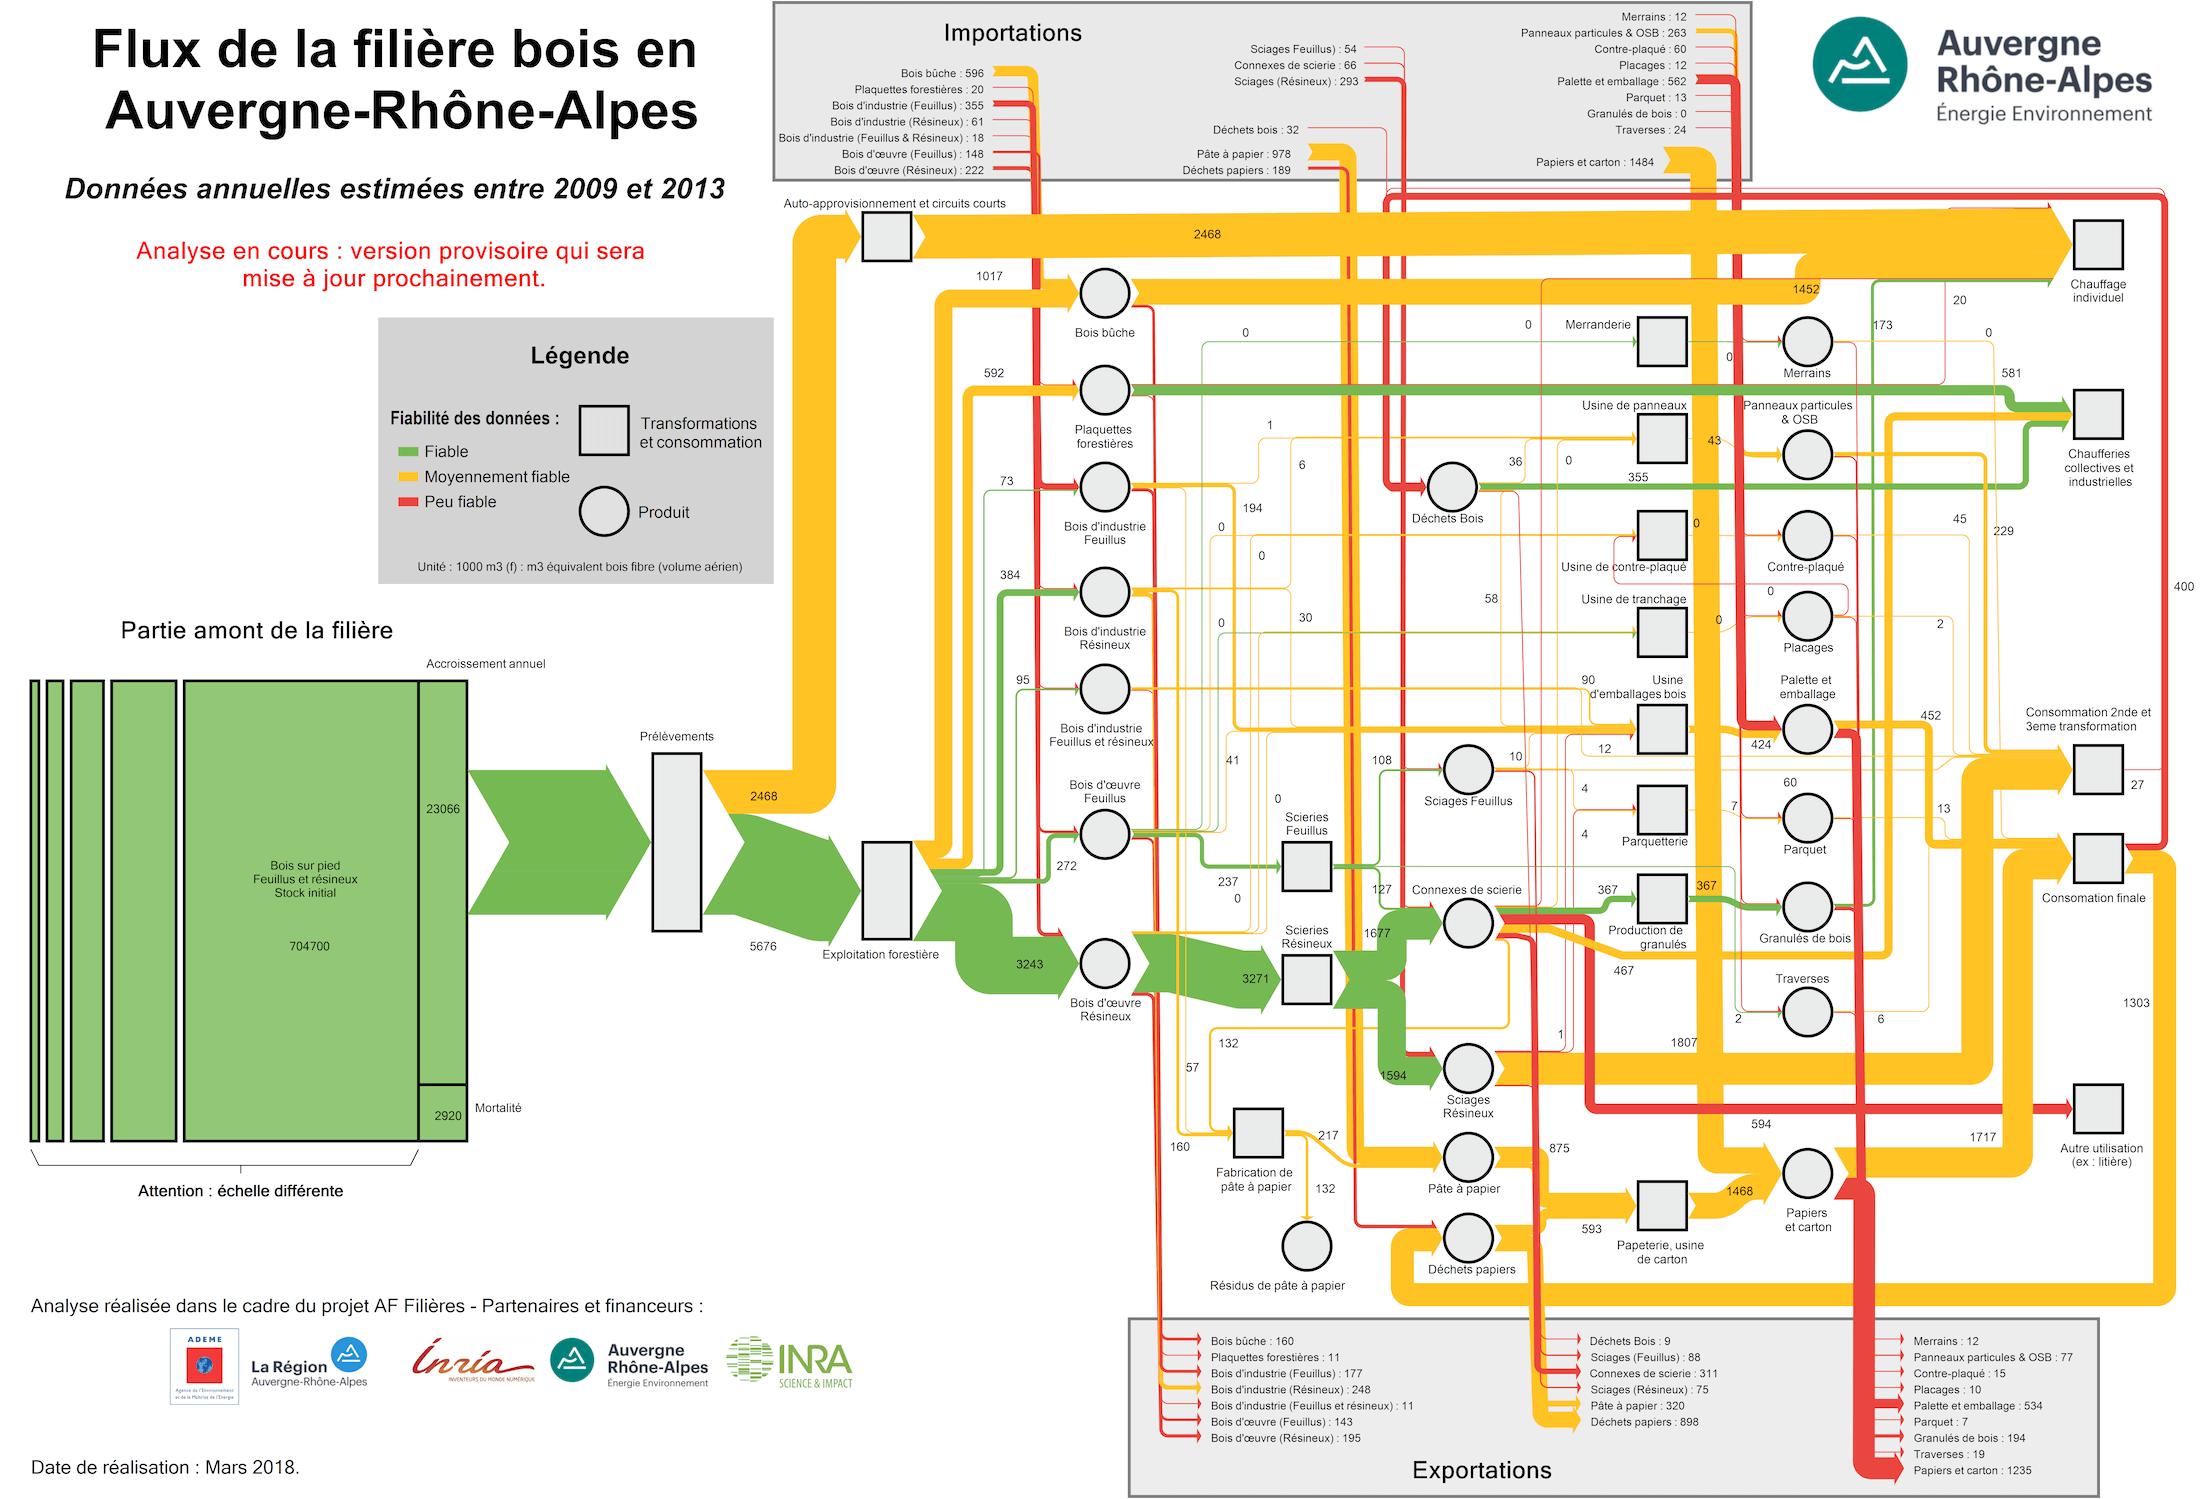 filiere_bois